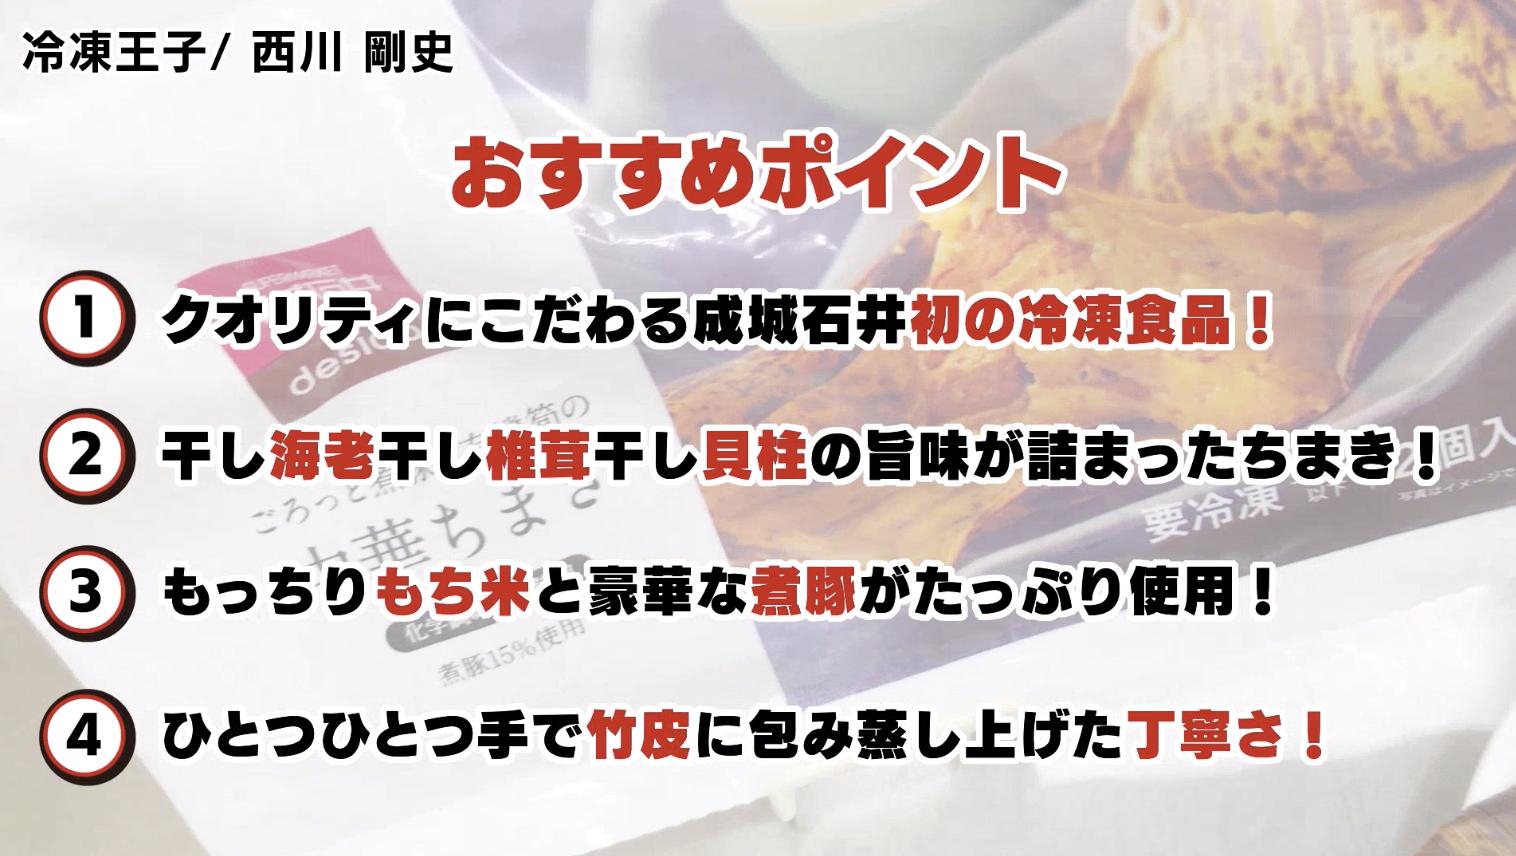 """【動画紹介】成城石井""""初""""の冷凍食品!「中華ちまき」〜ごろっと煮豚と竹皮が超本格的!〜"""